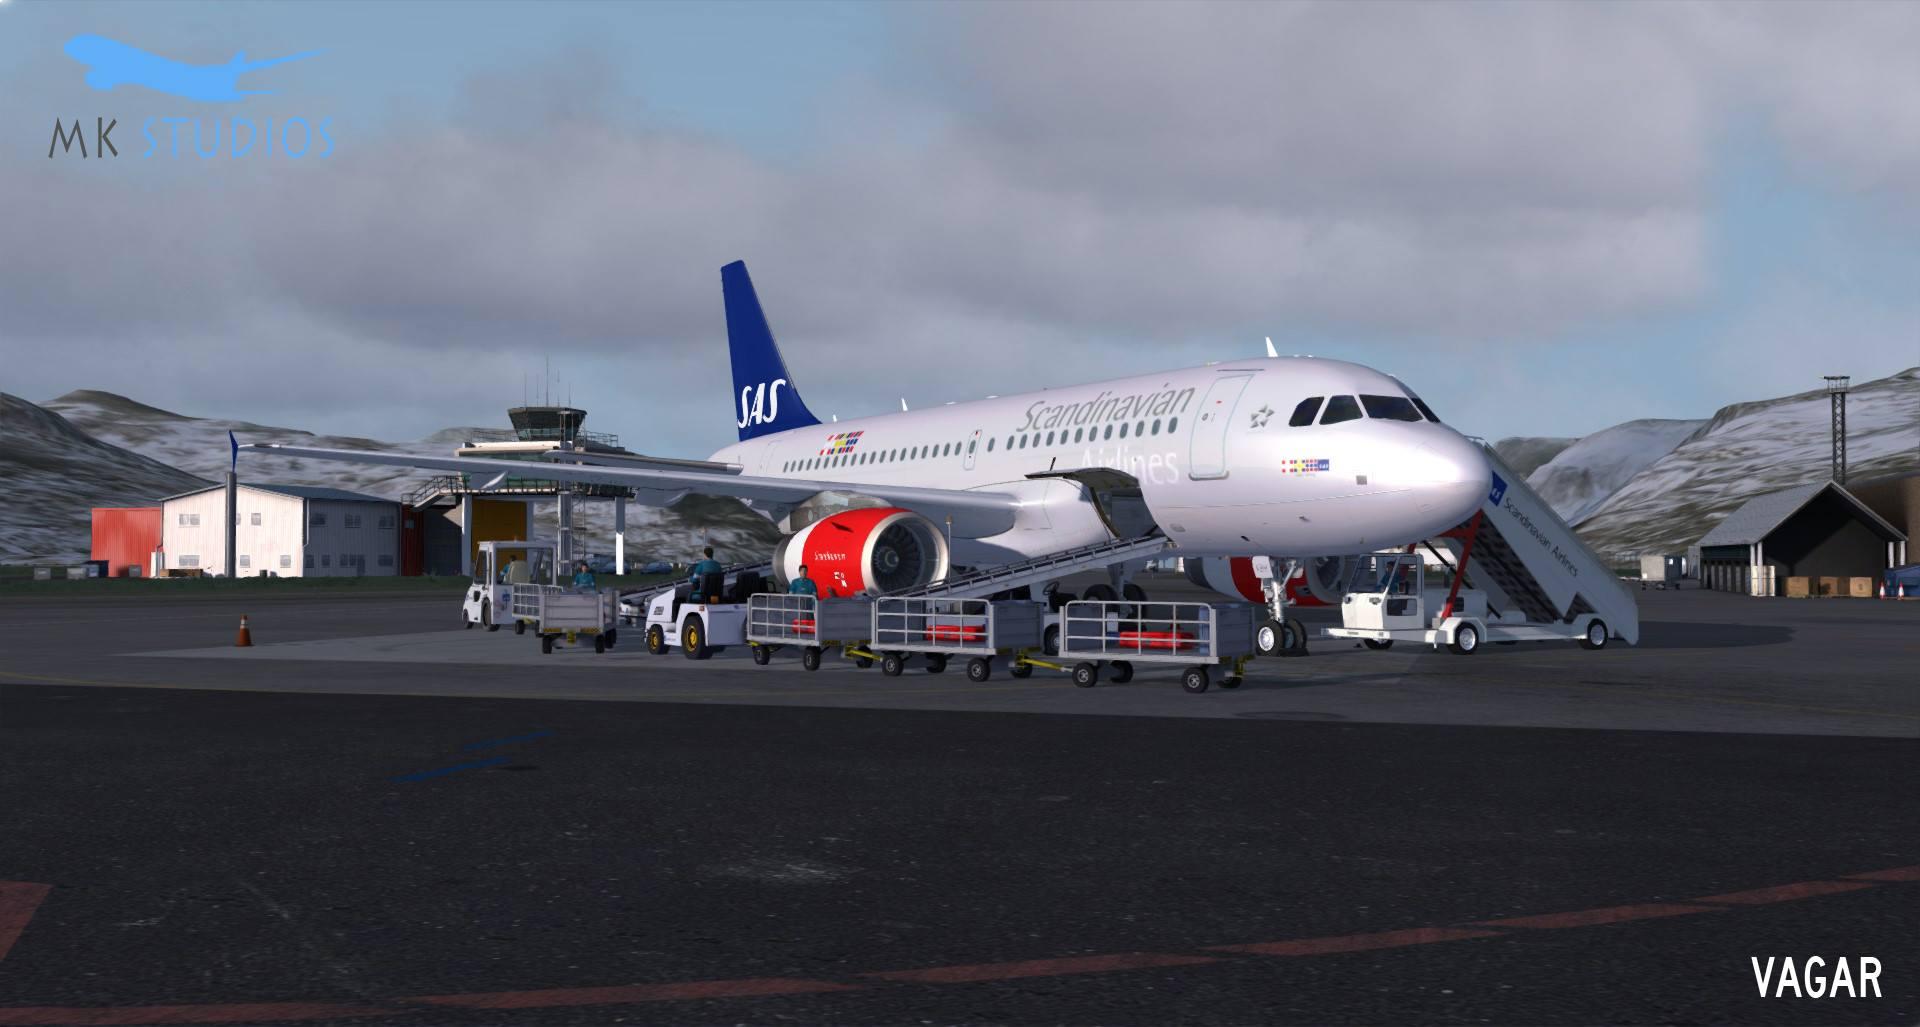 Mk Studios Vagar Airport (2)